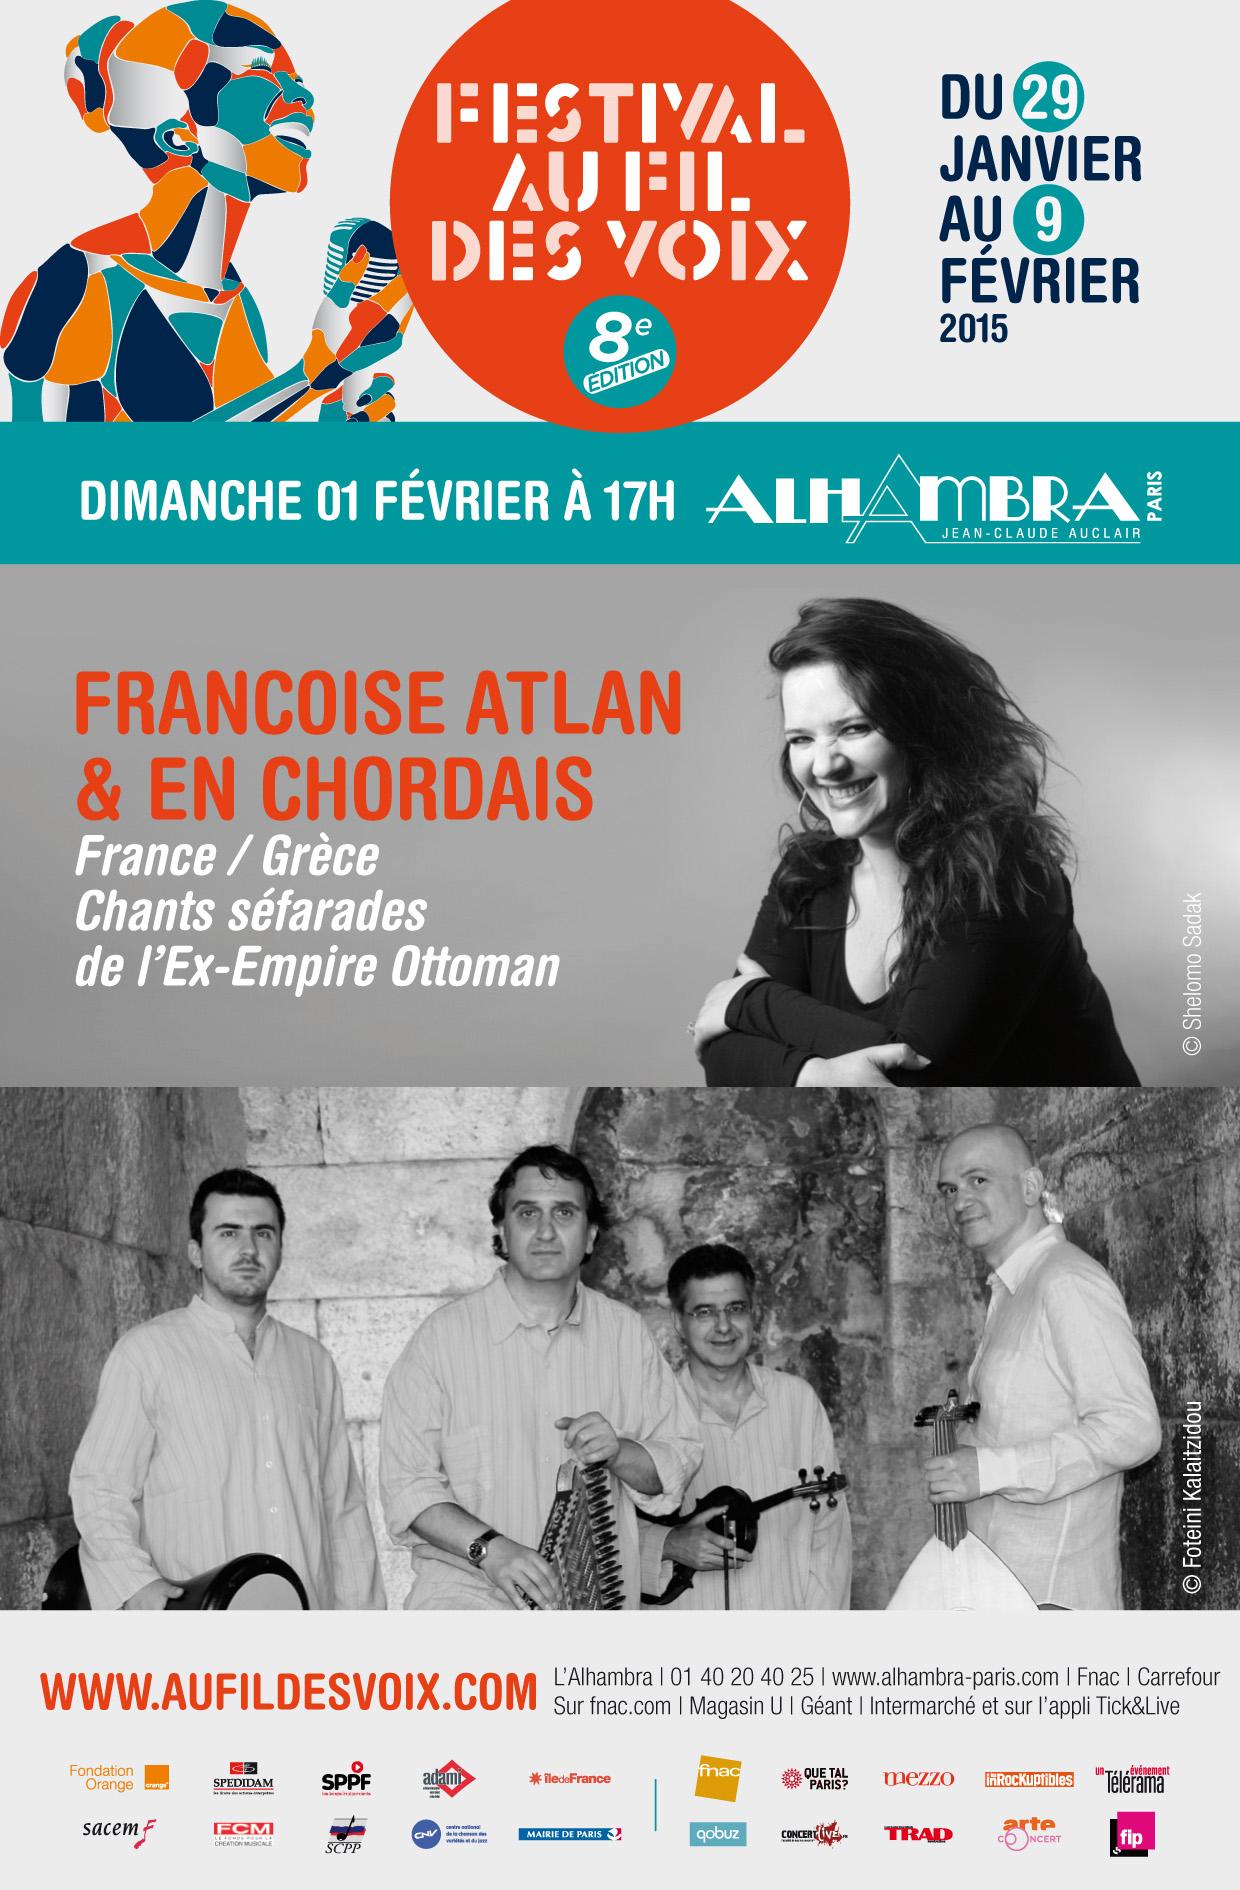 Françoise Atlan & En Chordais à l'Alhambra